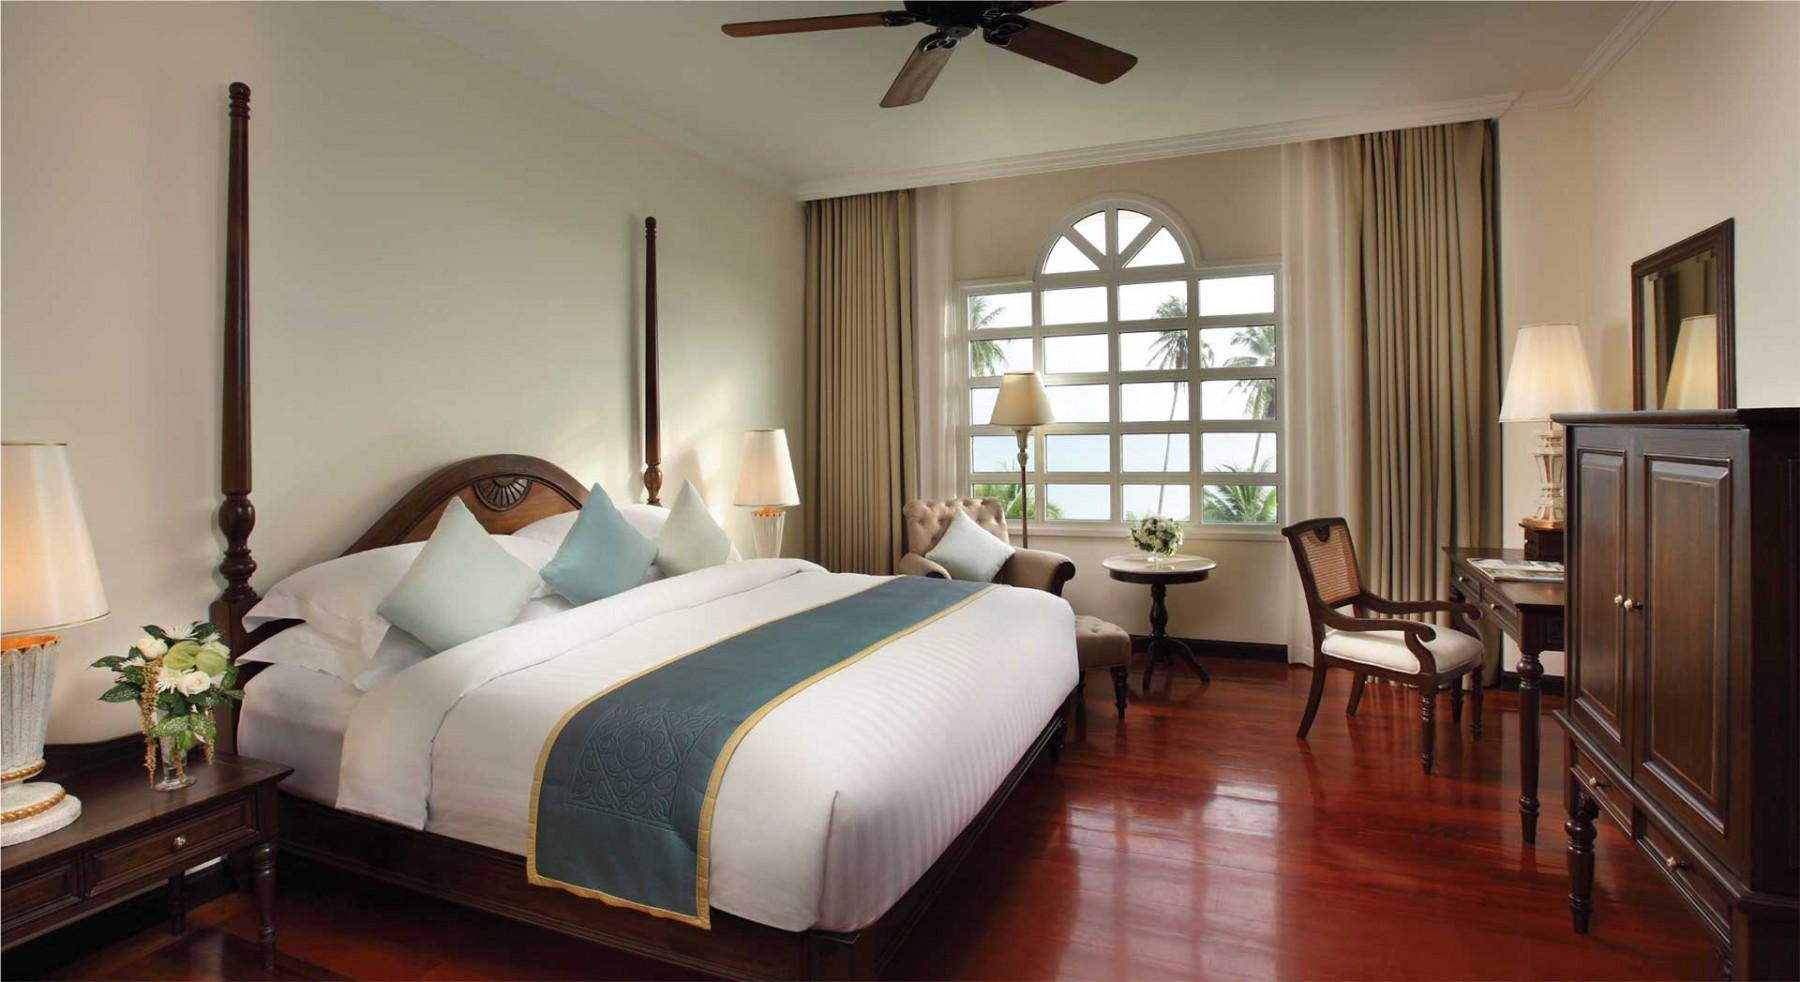 Sofitel hotel krabi